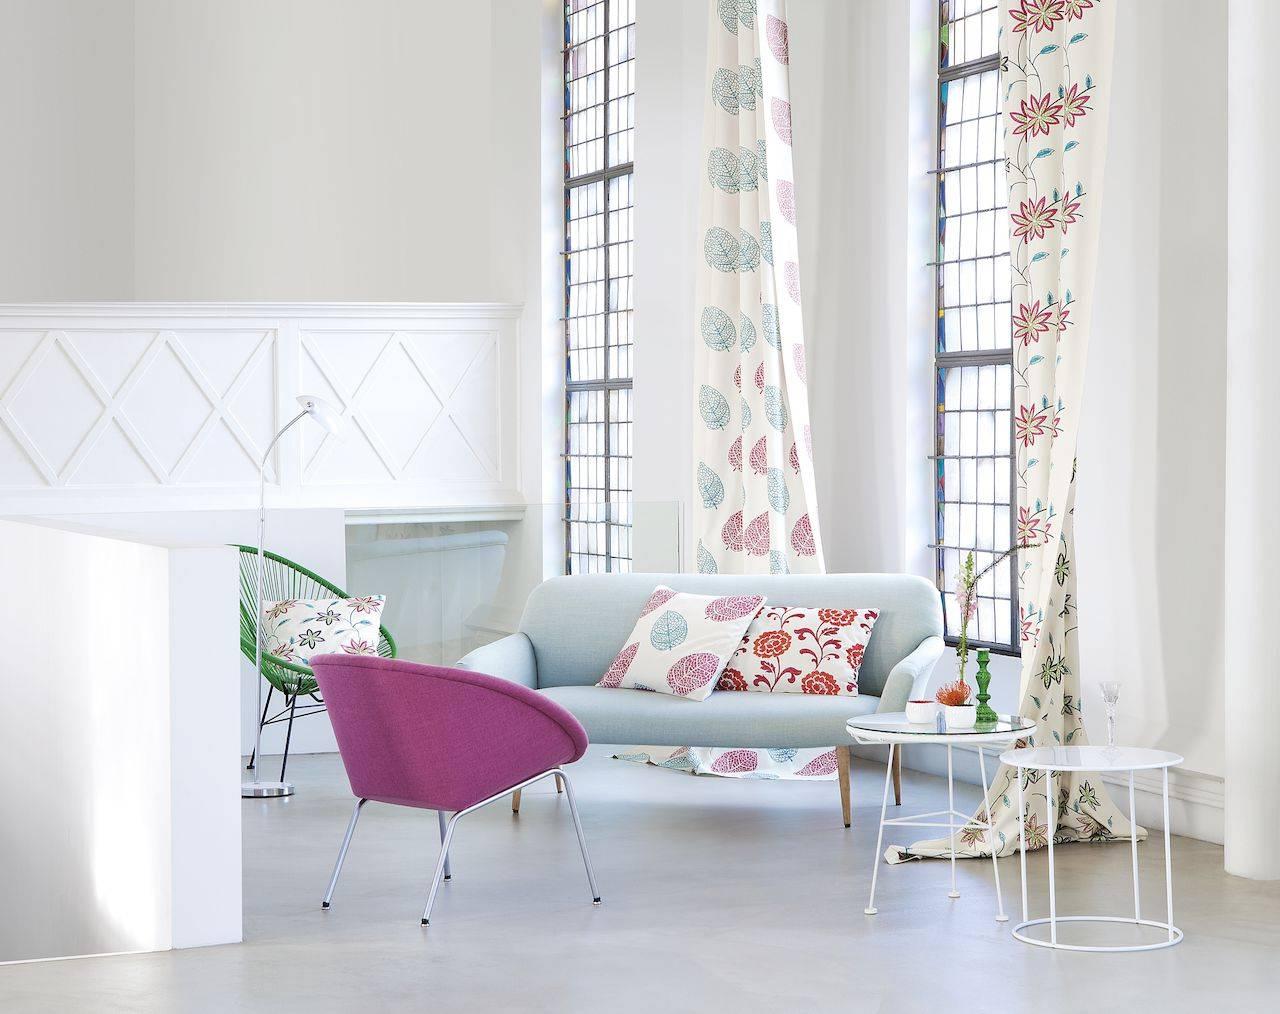 Текстиль в интерьере: текстильное оформление интерьера комнат